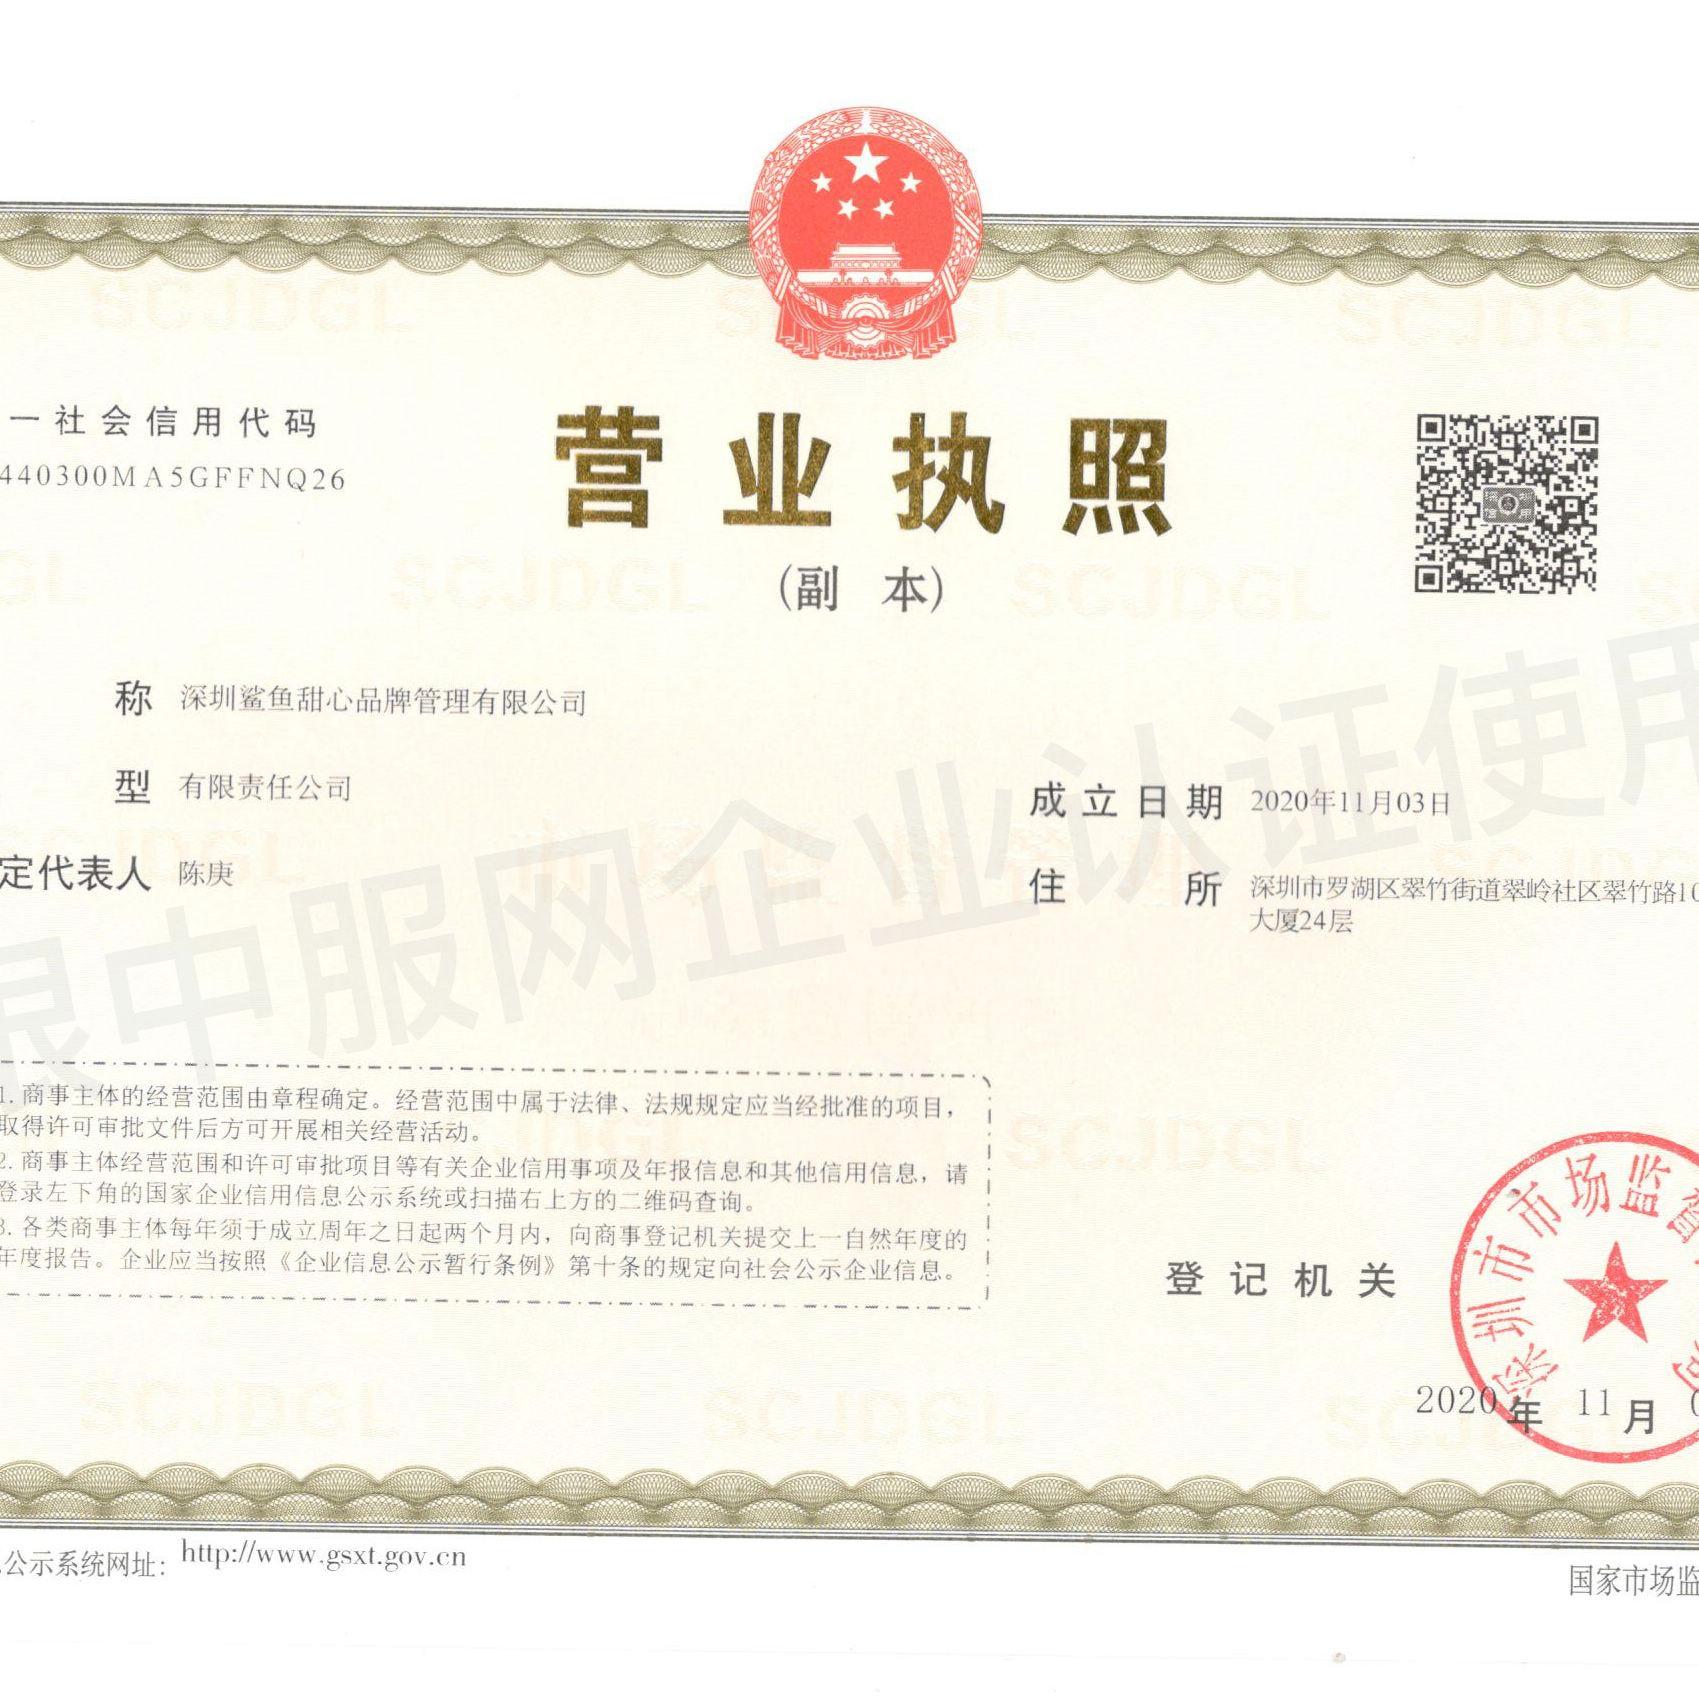 深圳鯊魚甜心品牌管理有限公司企業檔案